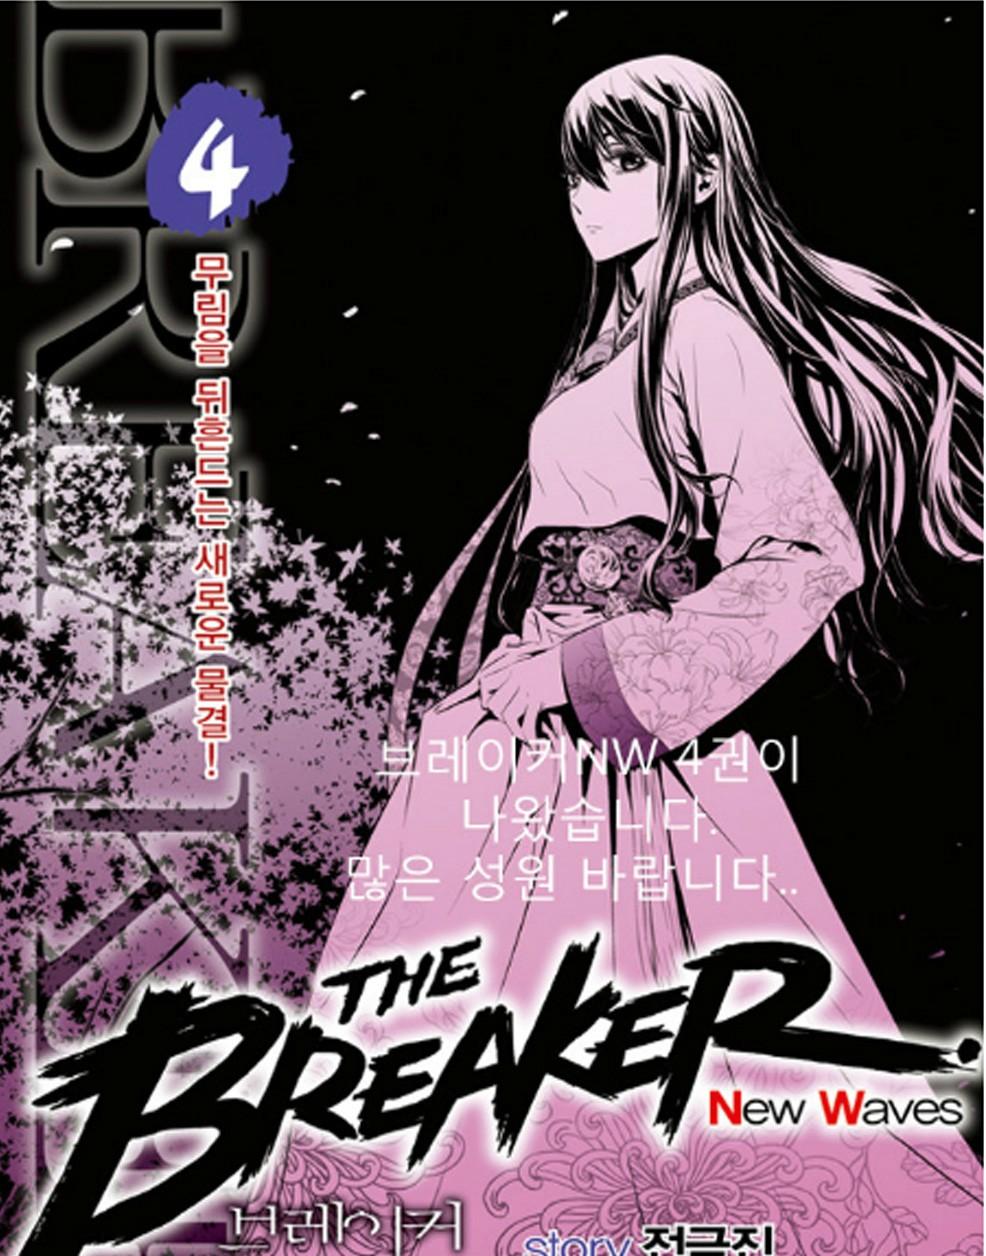 อ่านการ์ตูน The Breaker New Waves 78 ภาพที่ 22